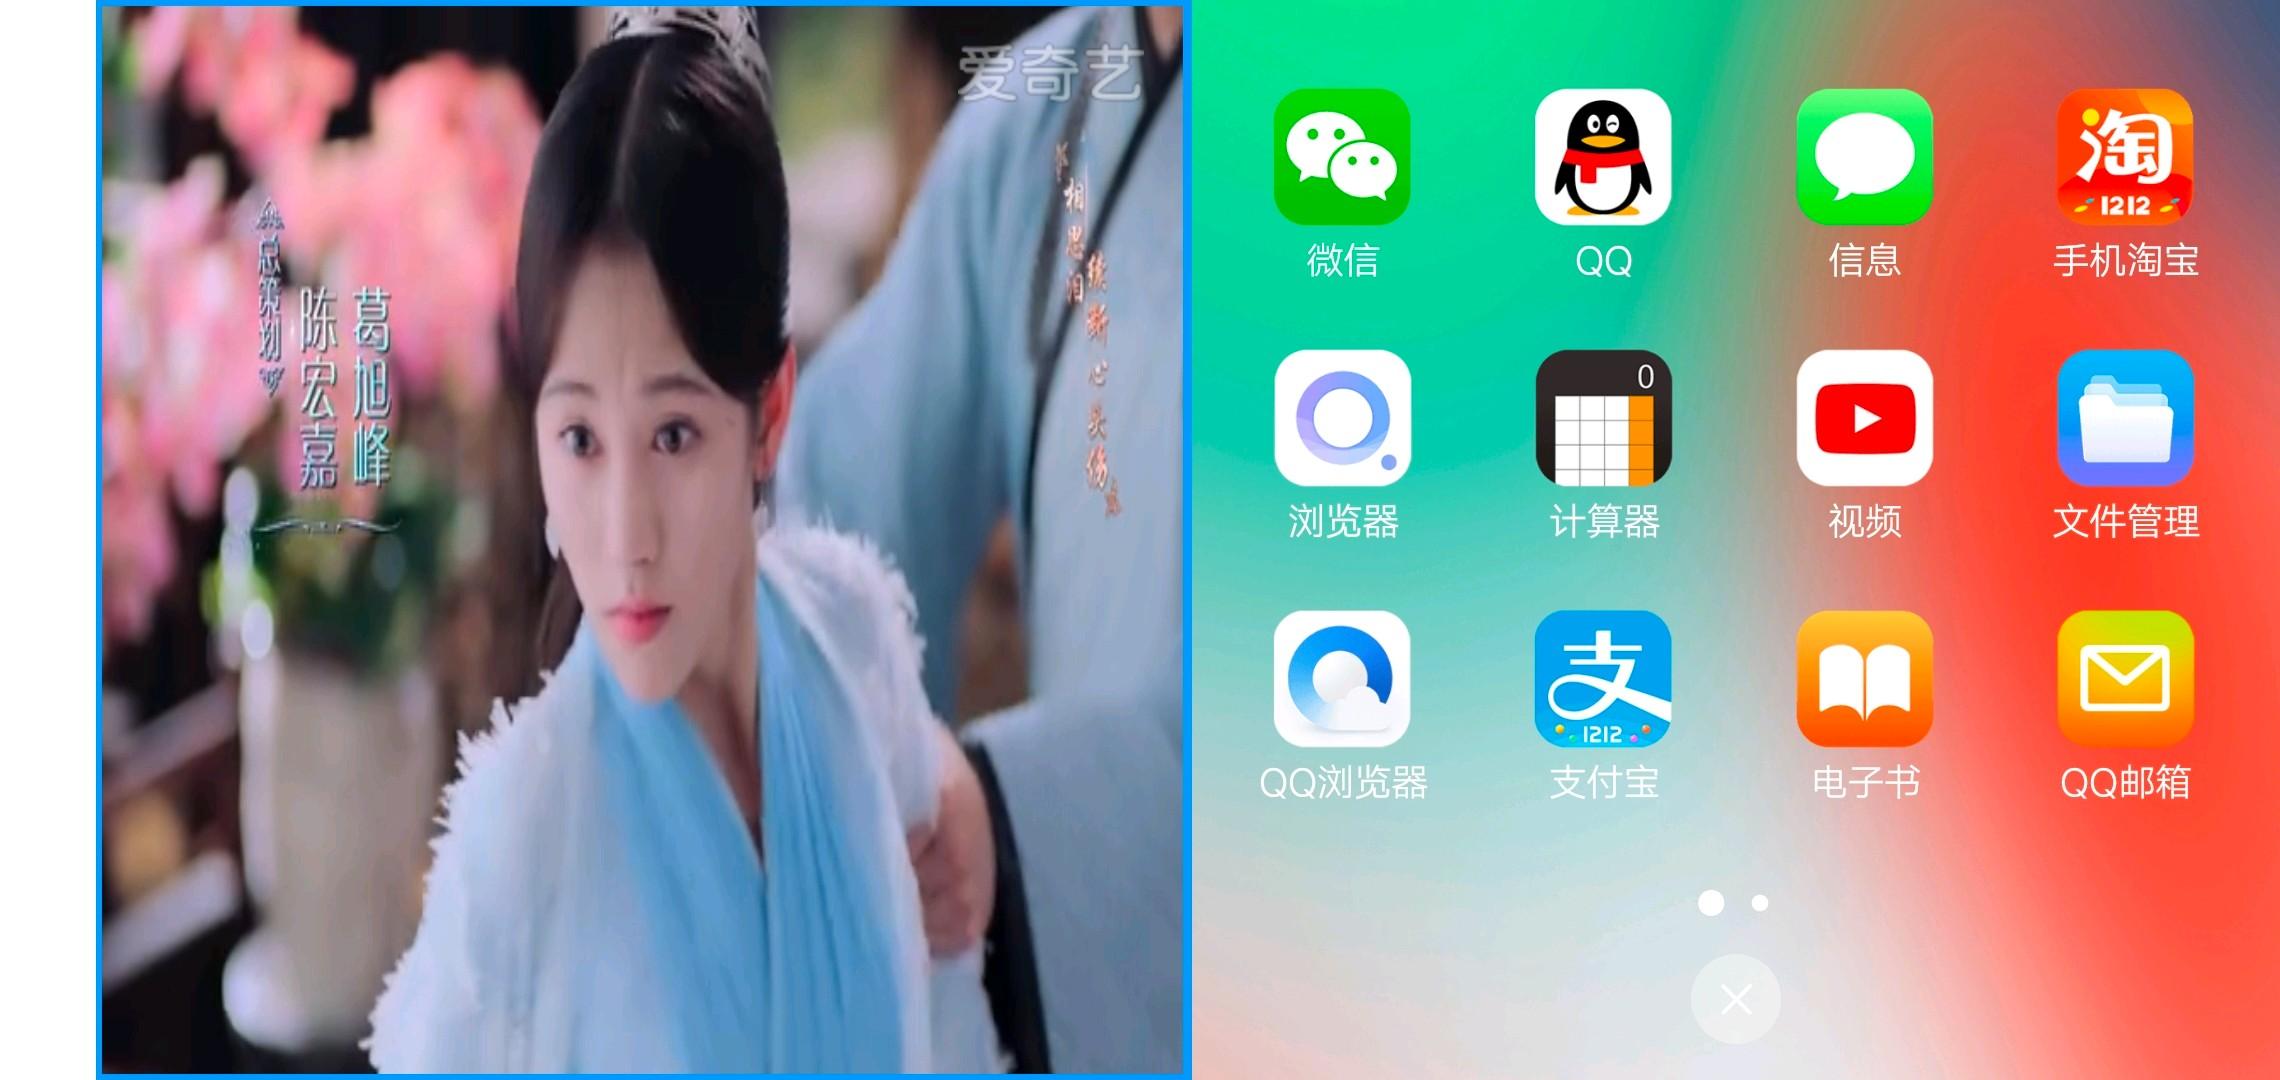 Screenshot_20180716_213743.jpg